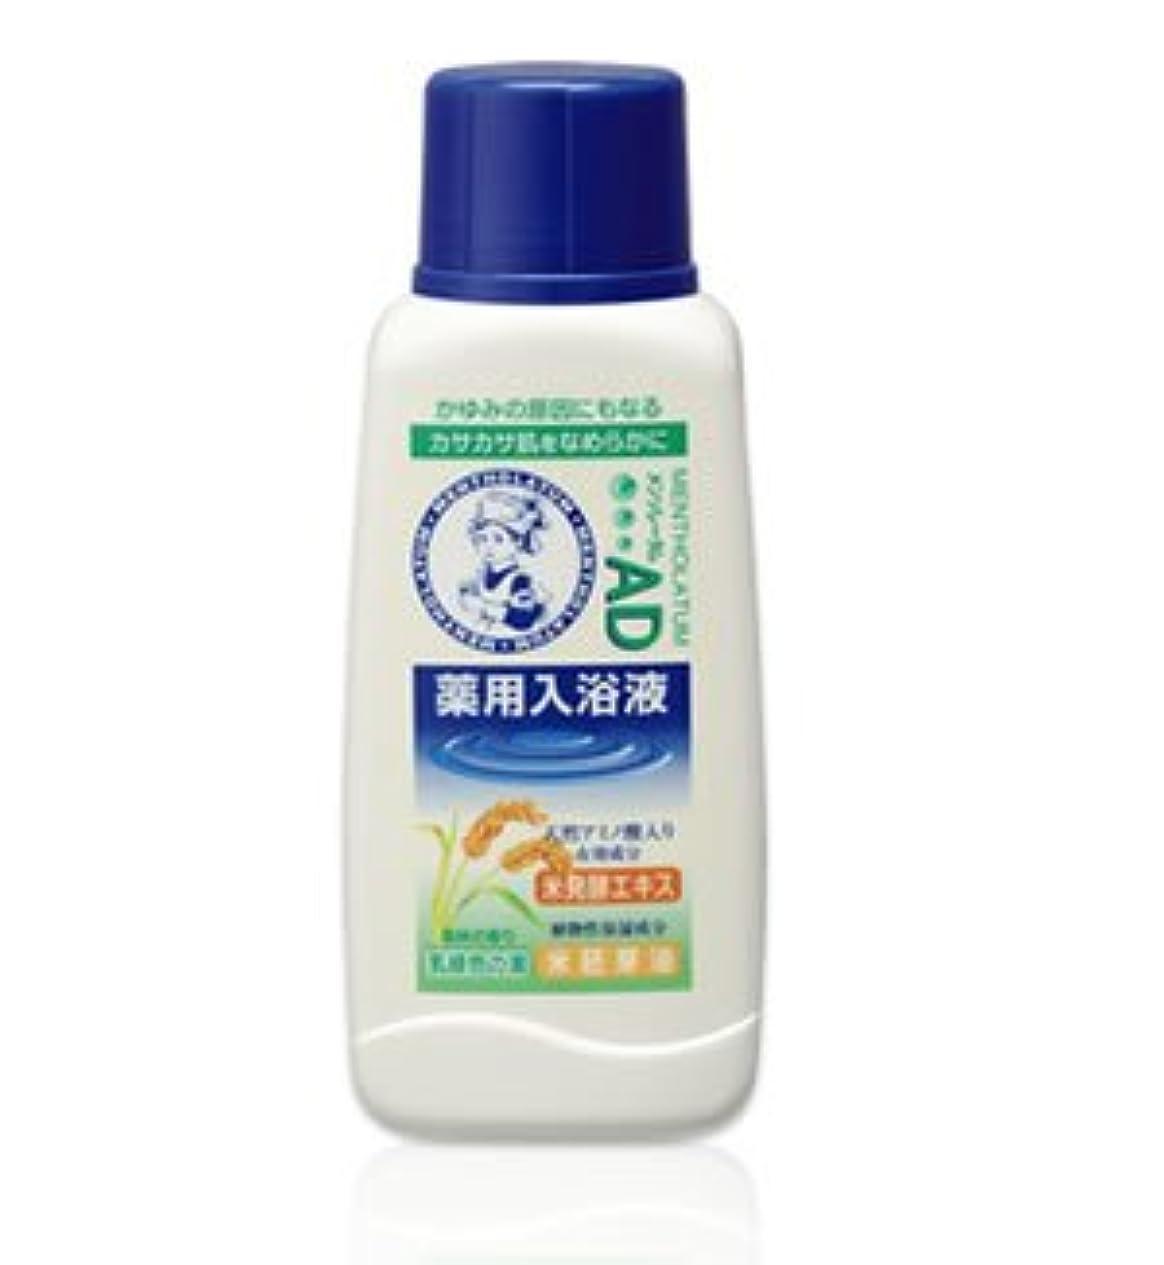 活気づけるうっかりシンボル(ロート)メンソレータム AD薬用入浴剤 森林の香り720ml(医薬部外品)